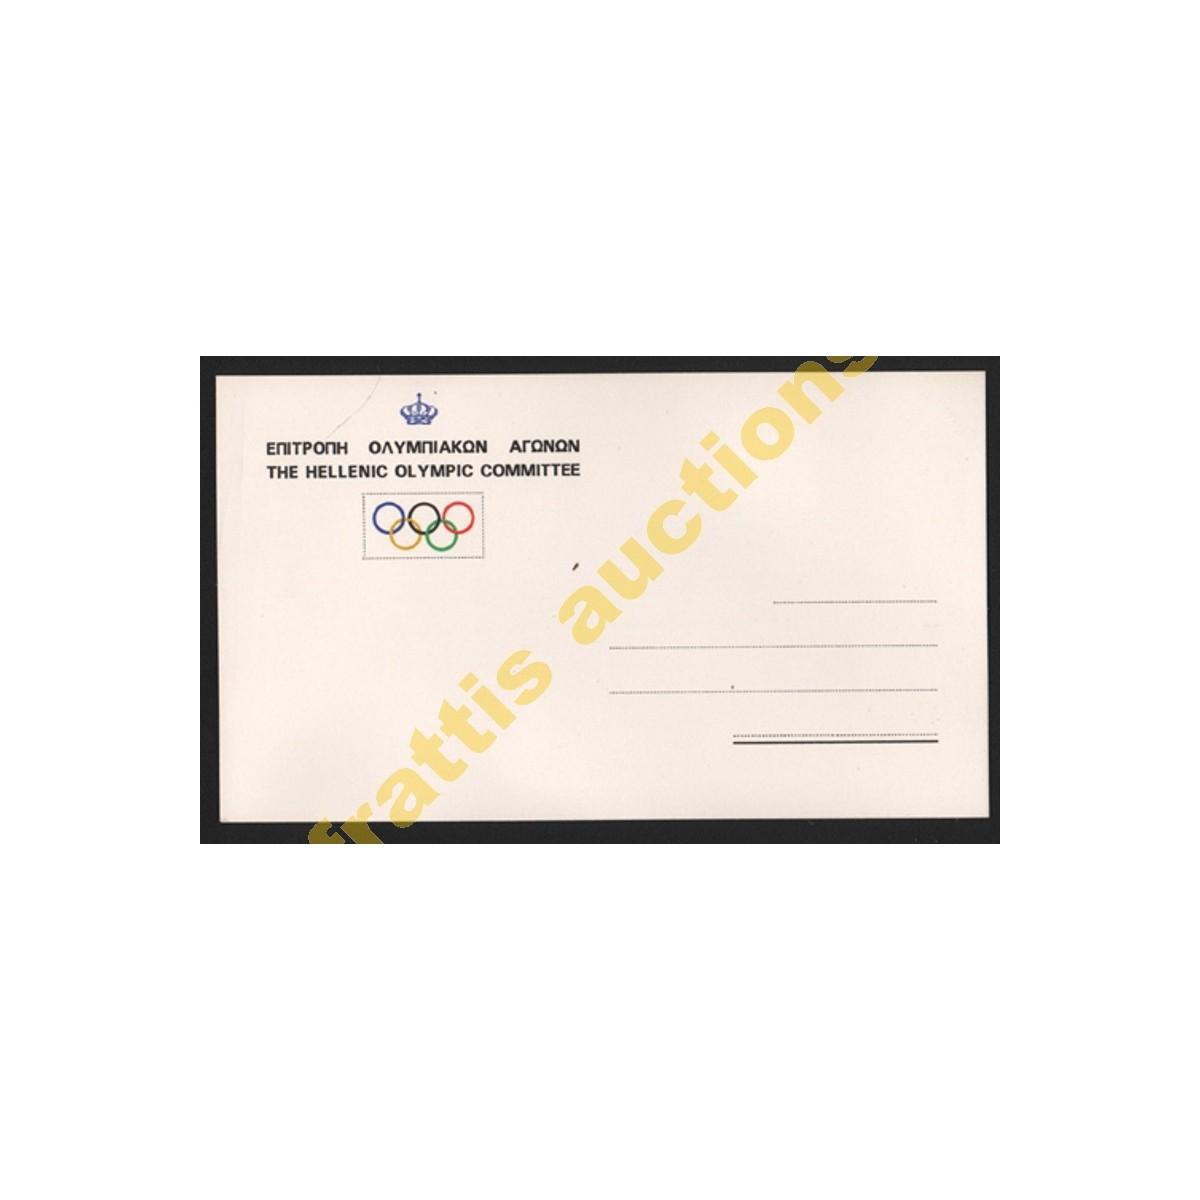 Επιτροπή Ολυμπιακών Αγώνων, κάρτα και φάκελος.